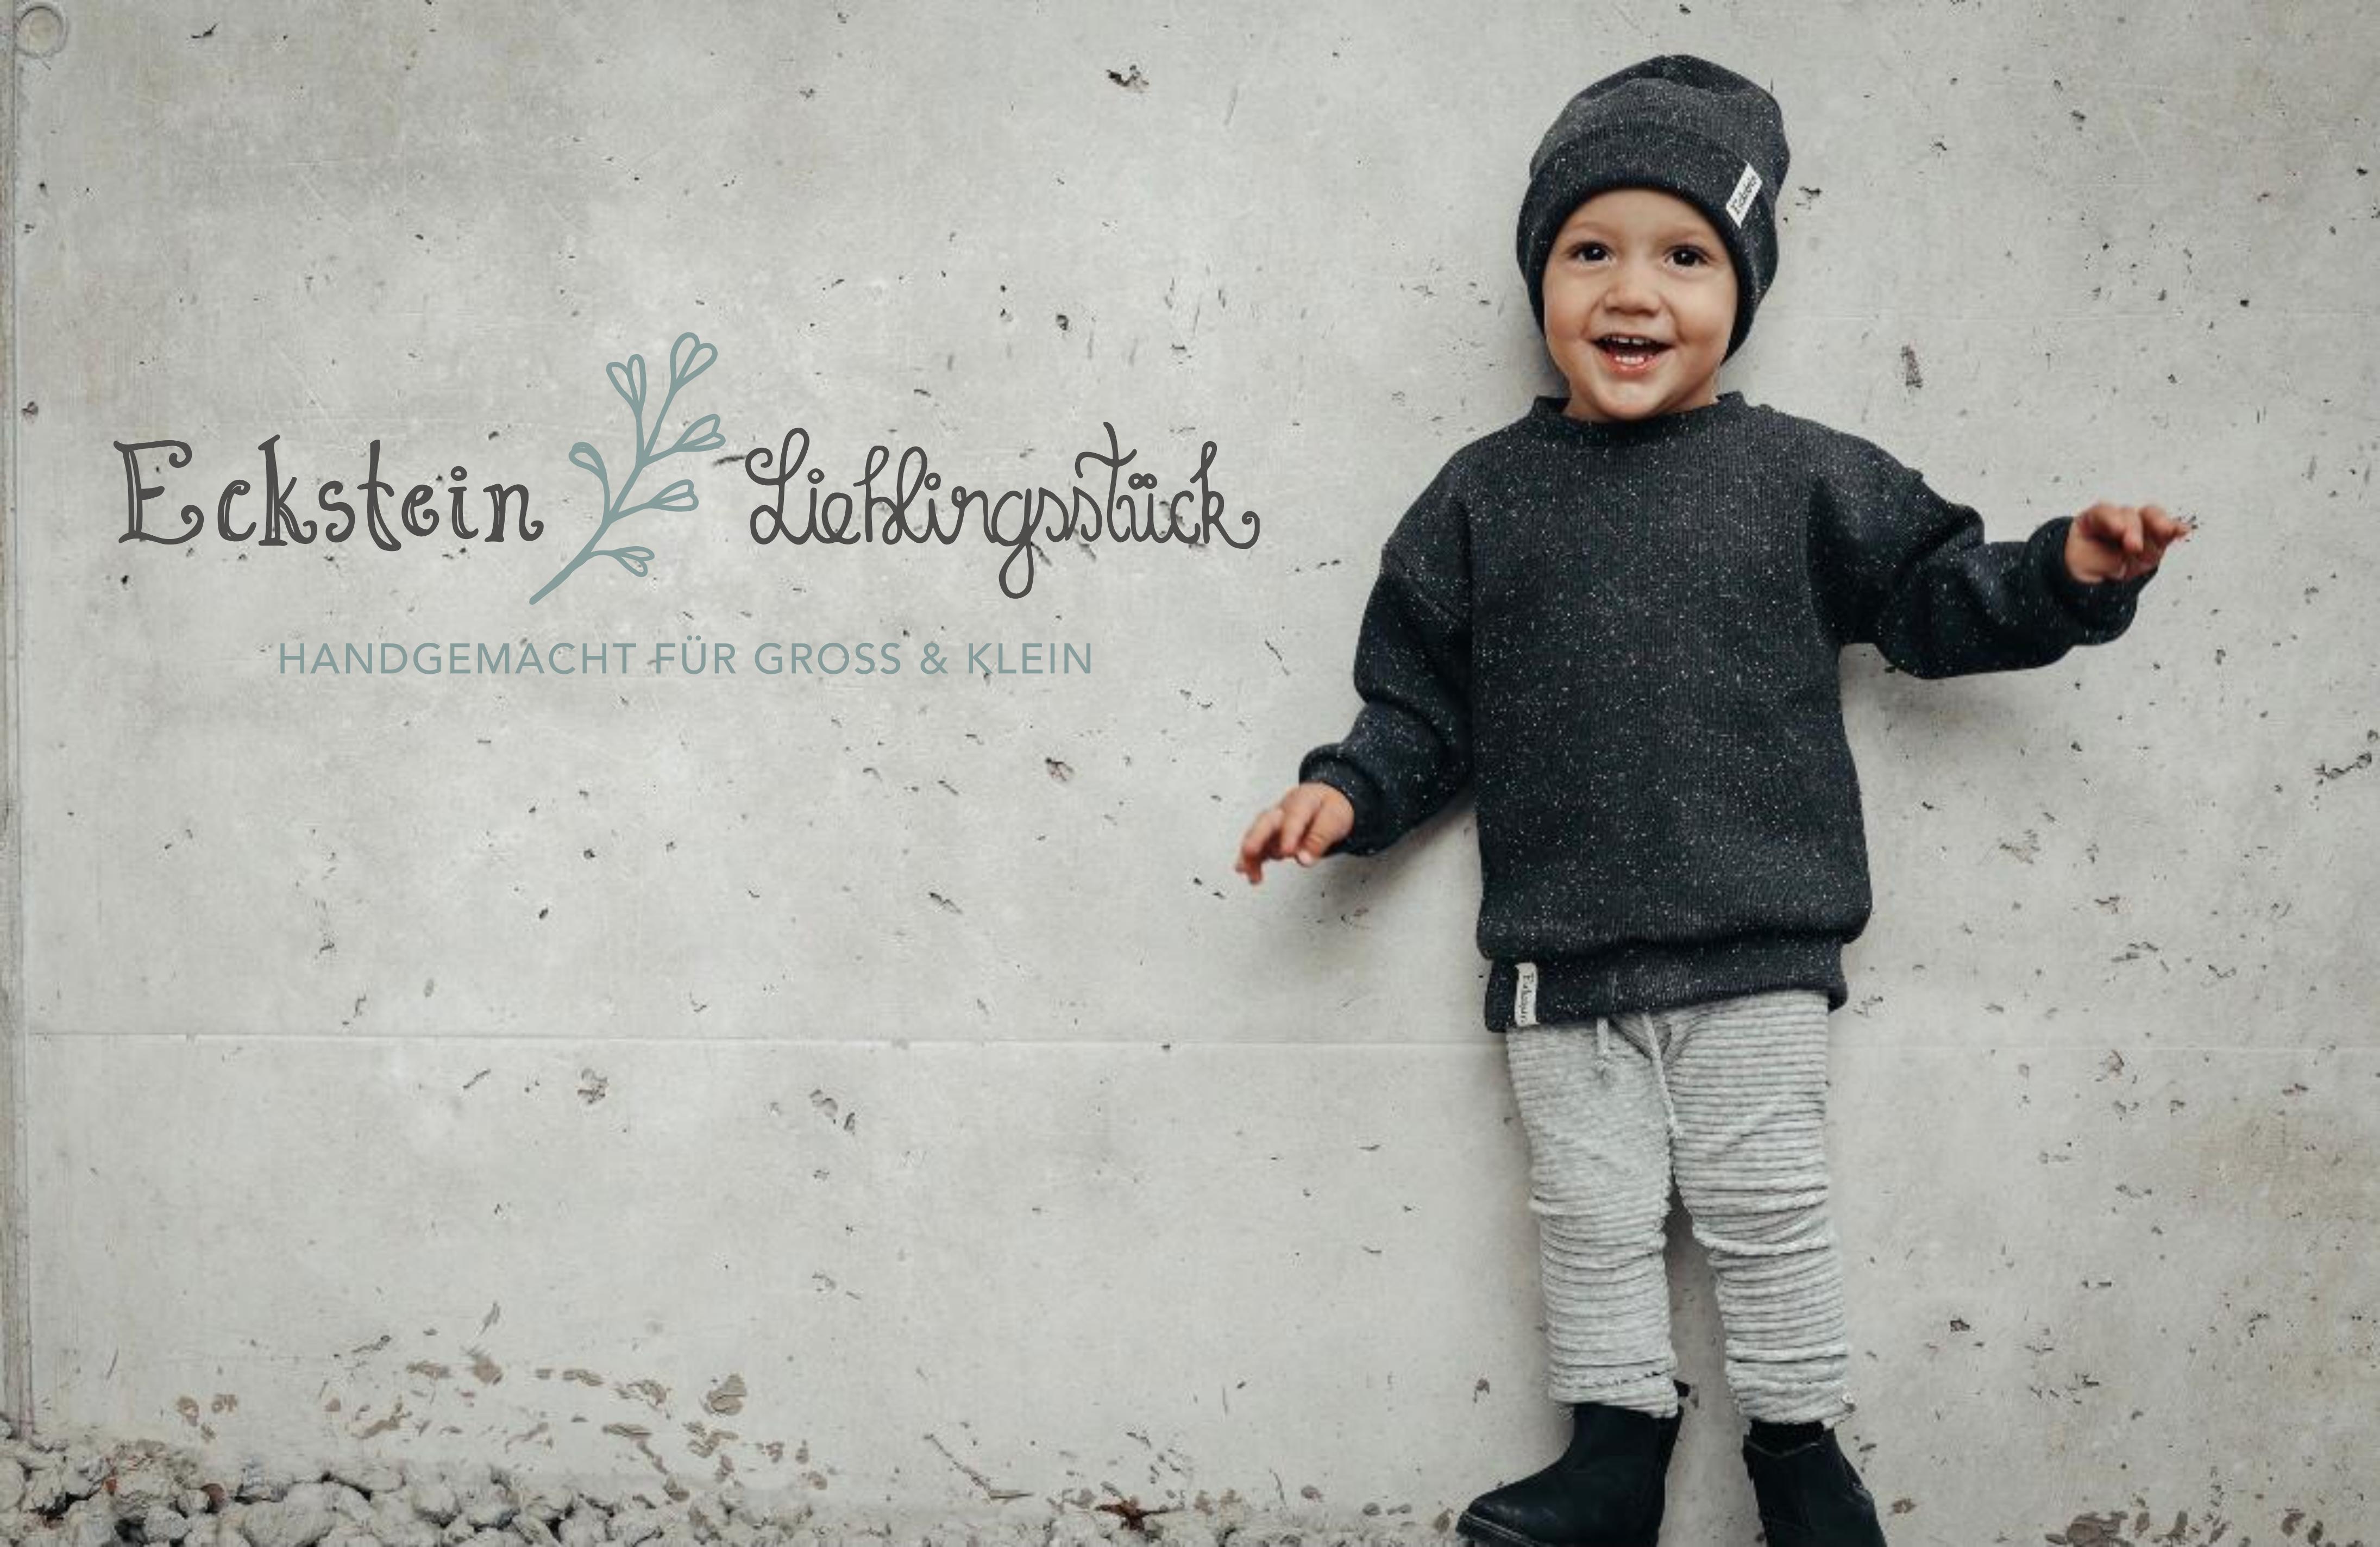 Eckstein & Lieblingsstück Shop